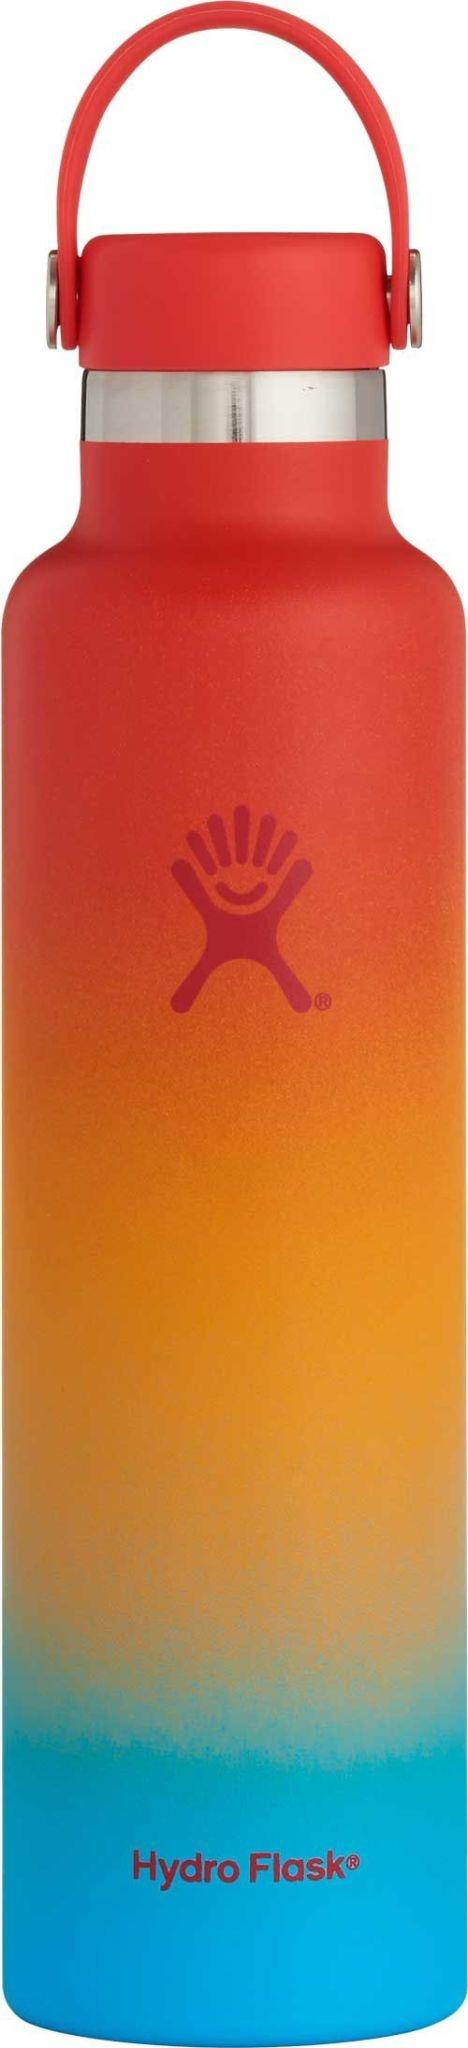 Hydro Flask 24oz Keiki Rainbow